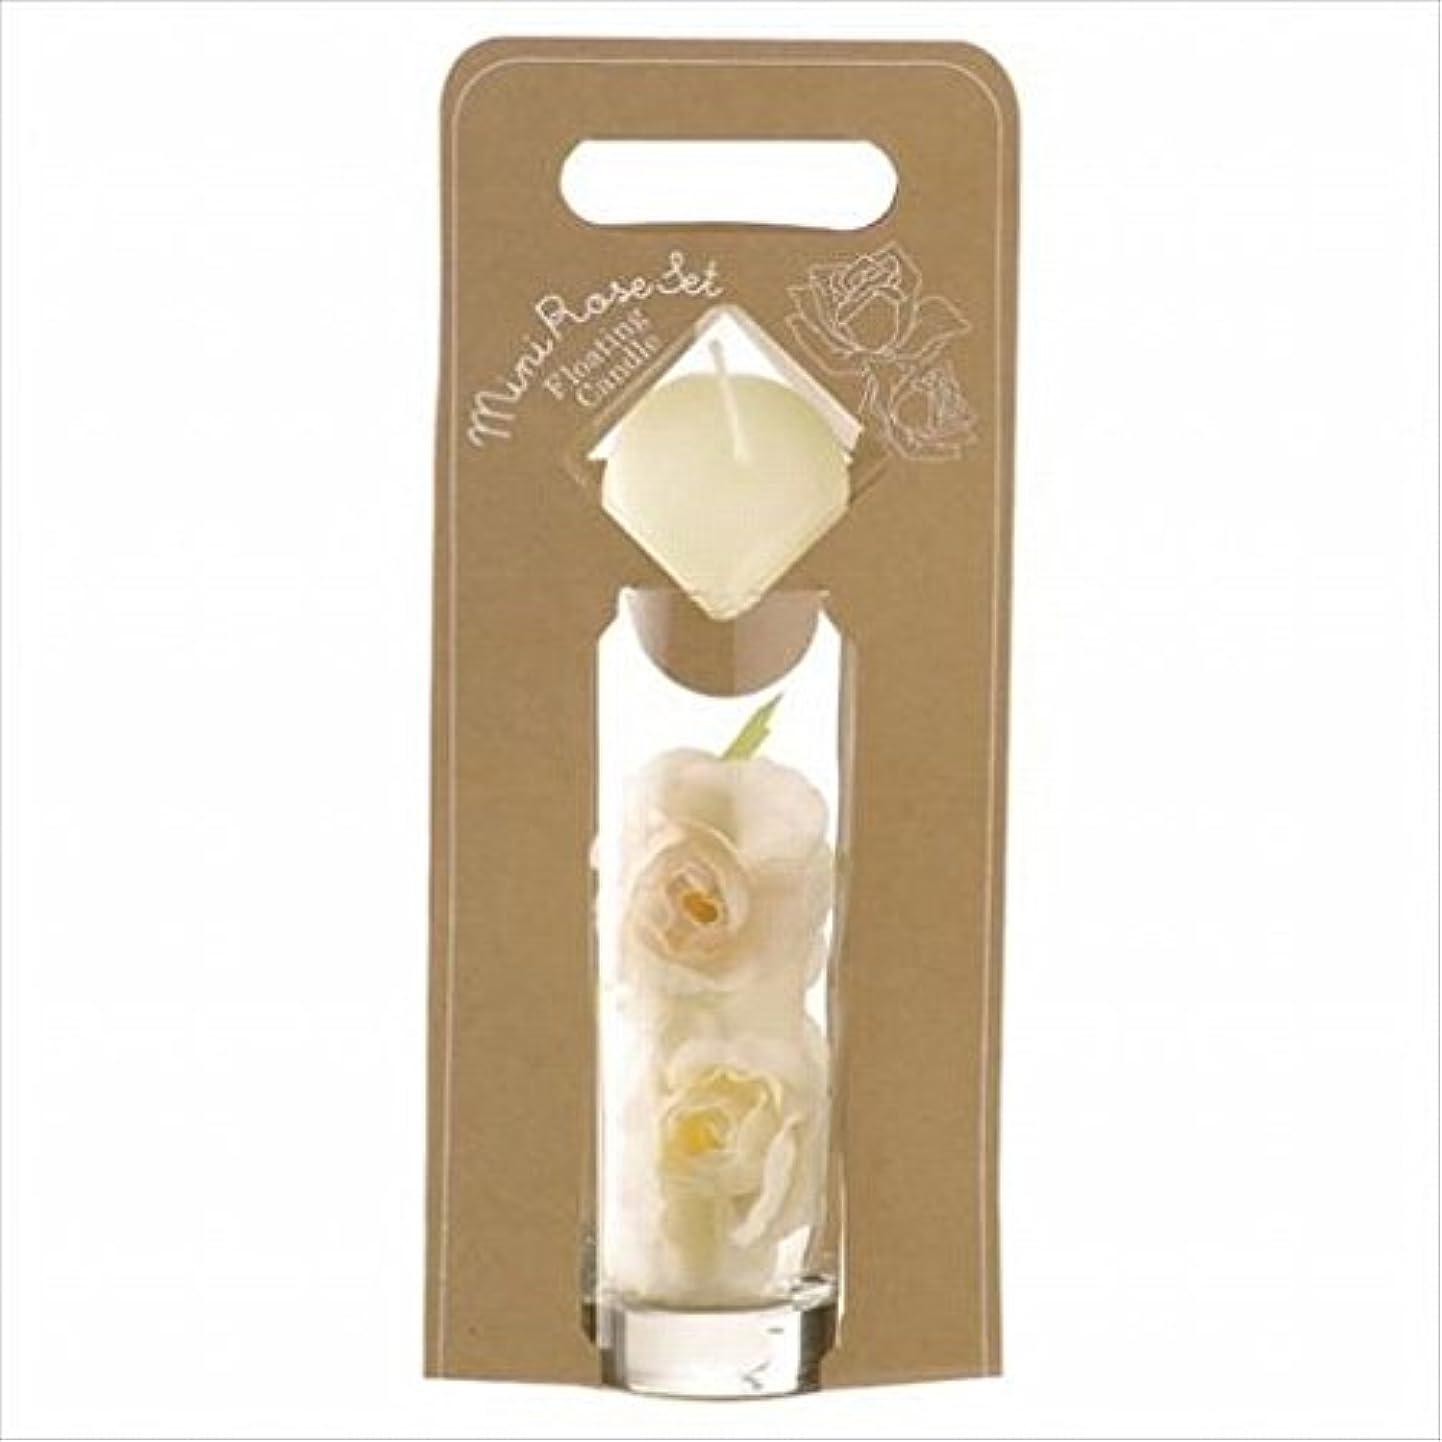 ミネラル鉛筆いっぱいkameyama candle(カメヤマキャンドル) ミニローズセット 「 アイボリー 」(A7620005IV)